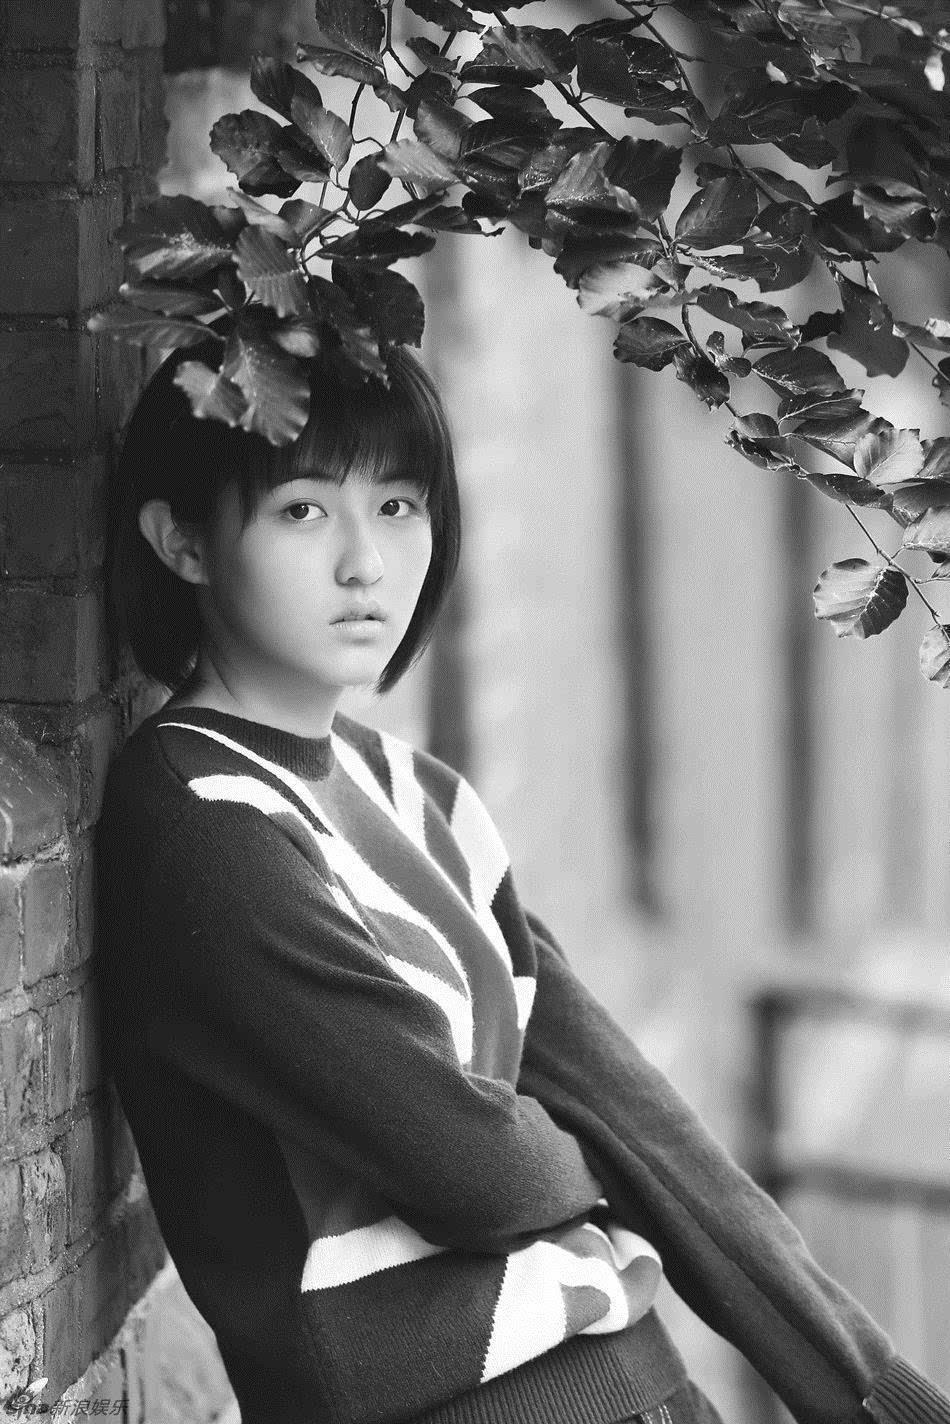 标准的齐耳短发让张子枫更显学生气,黑白色调让整套写真泛着怀旧的图片